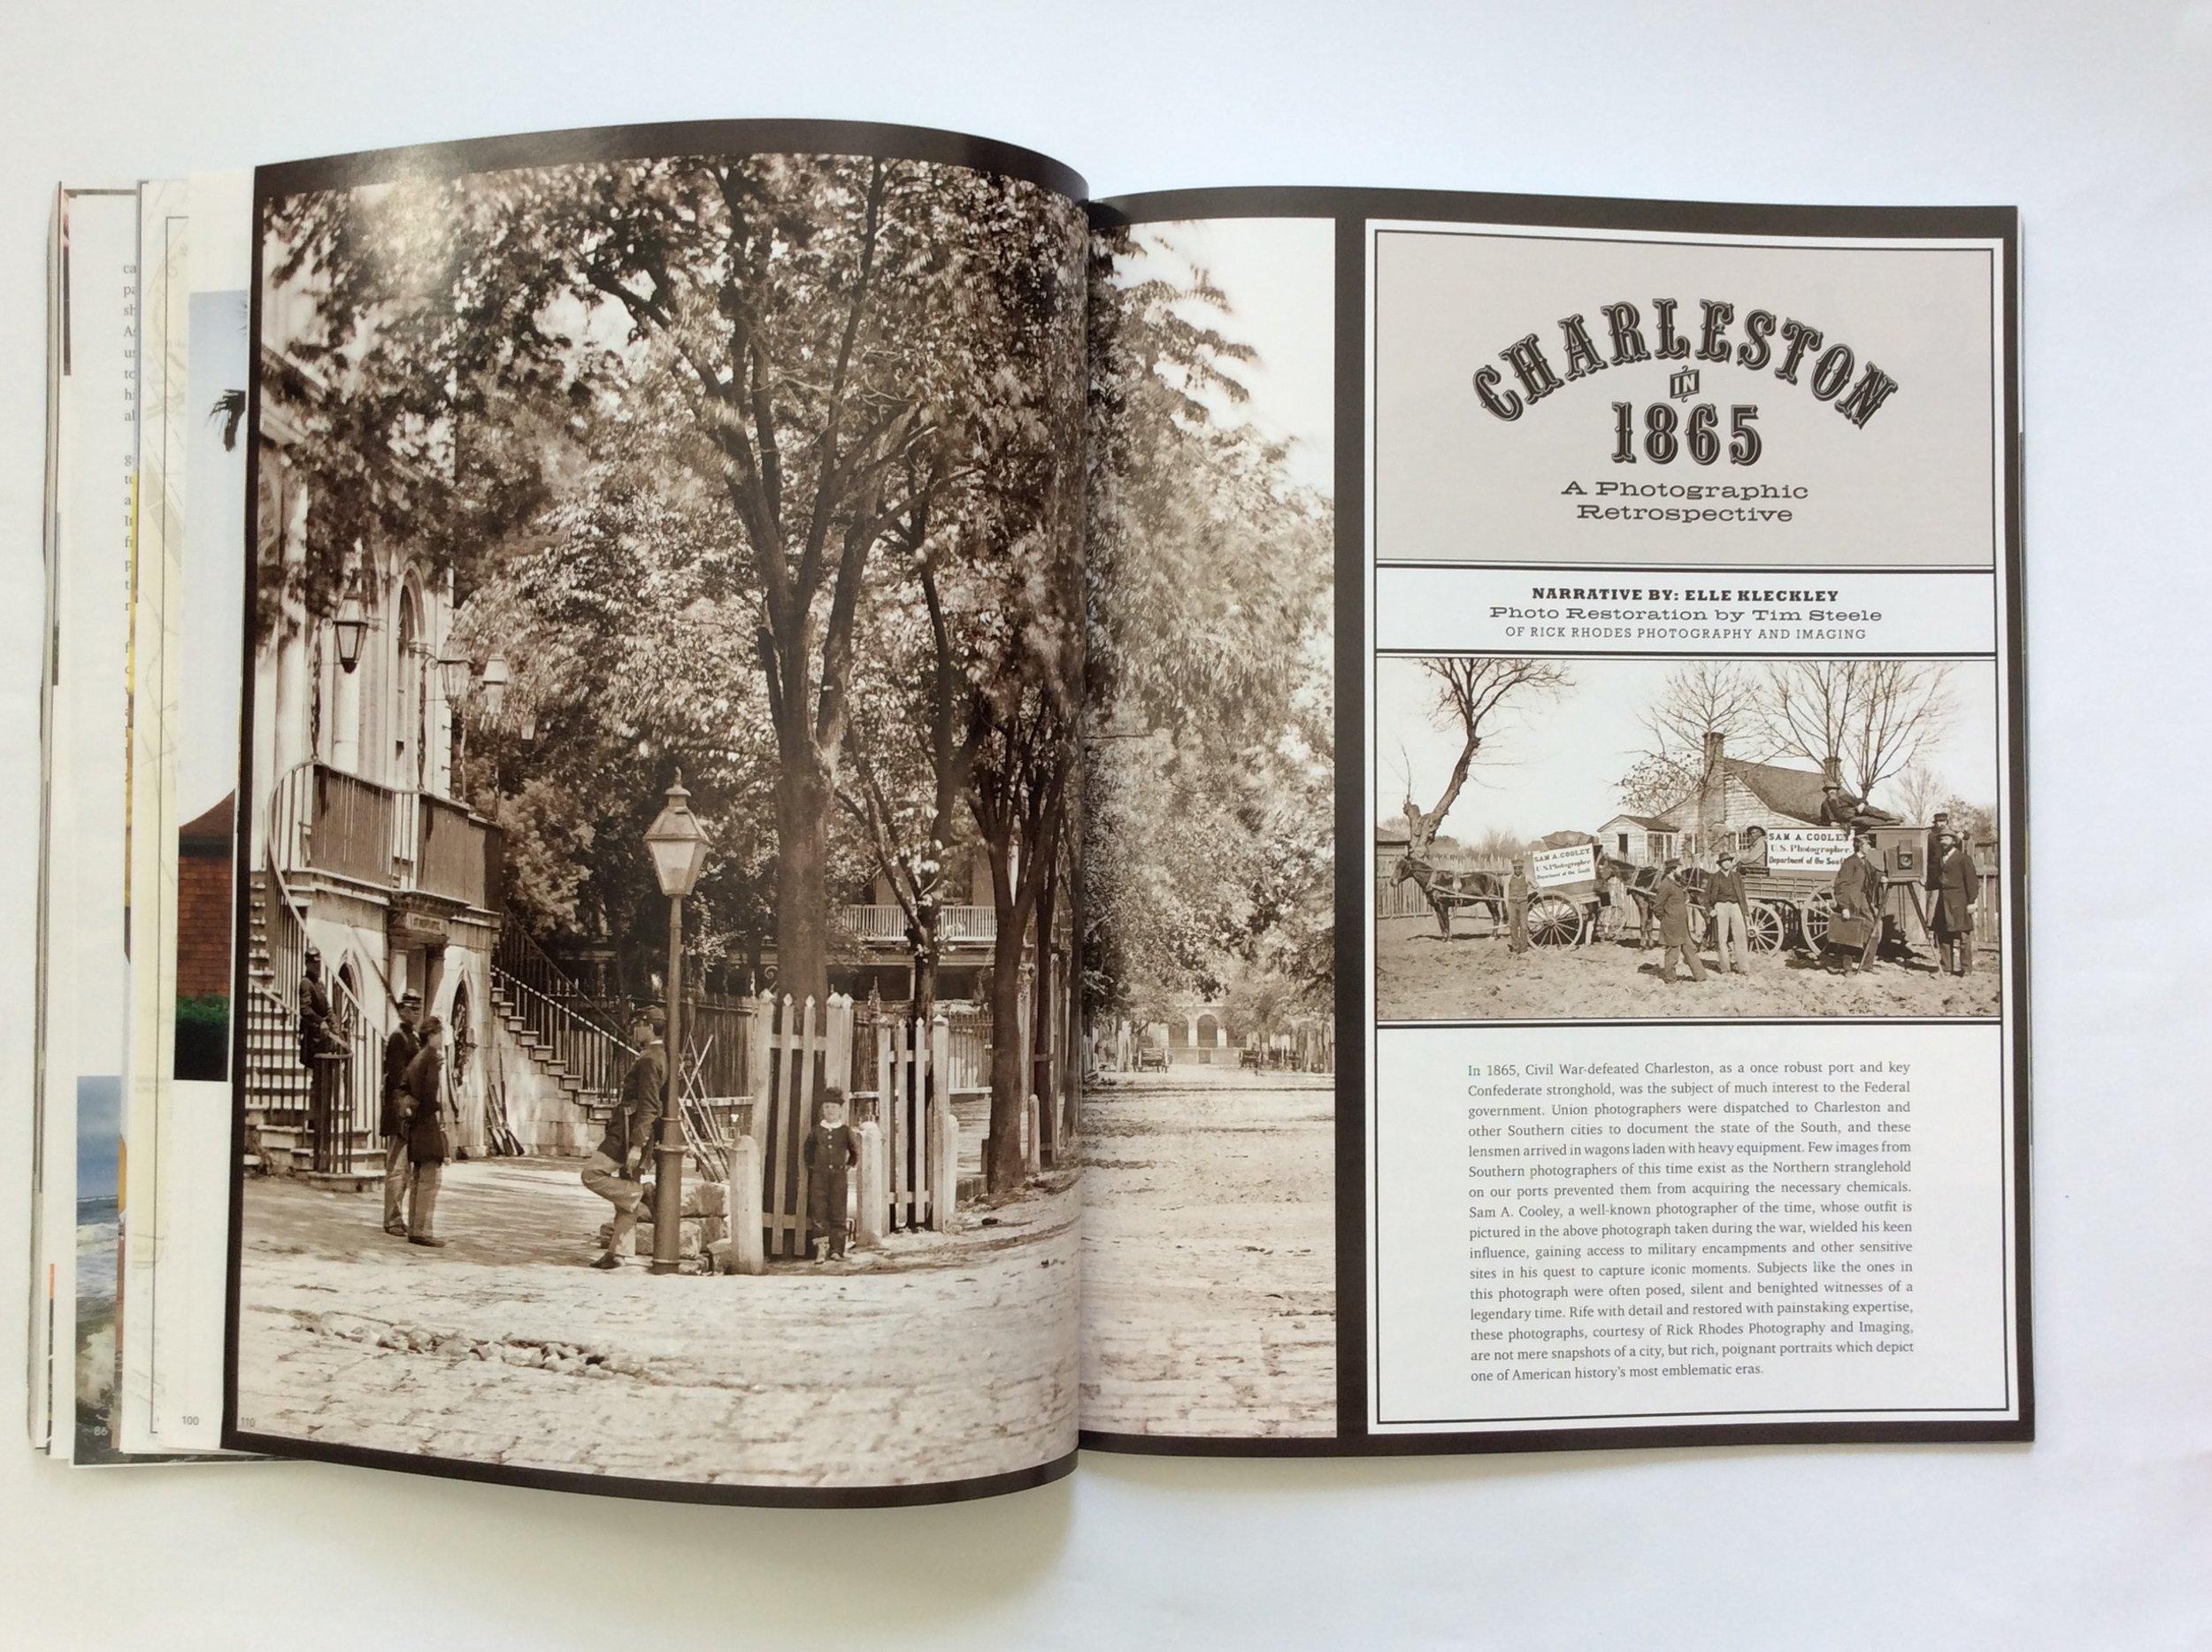 Charleston 1865